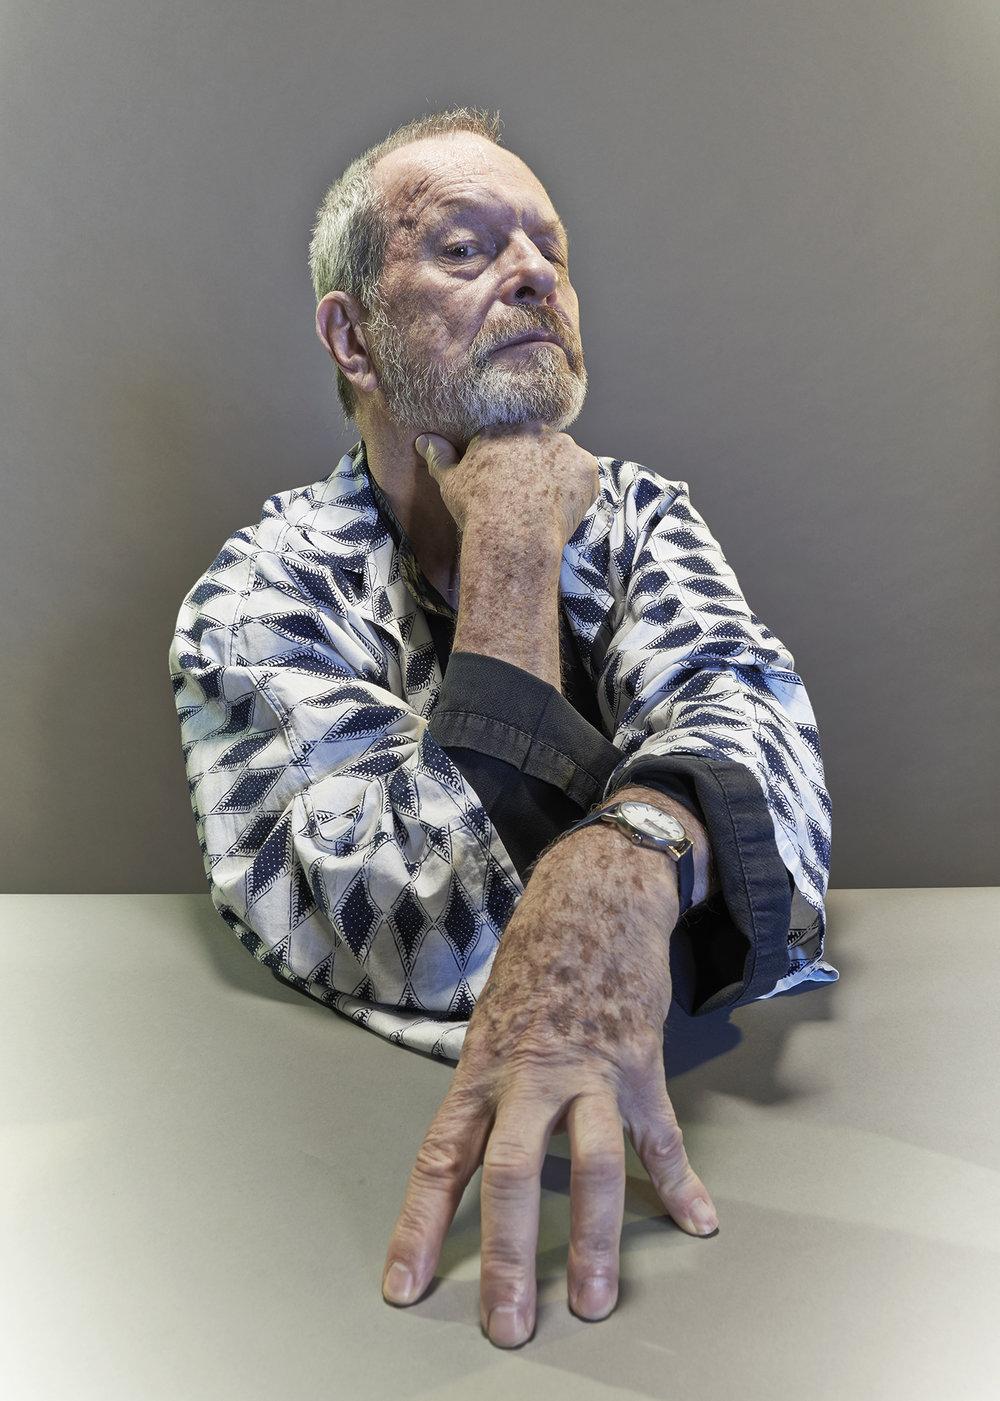 Terry Gilliam, film director